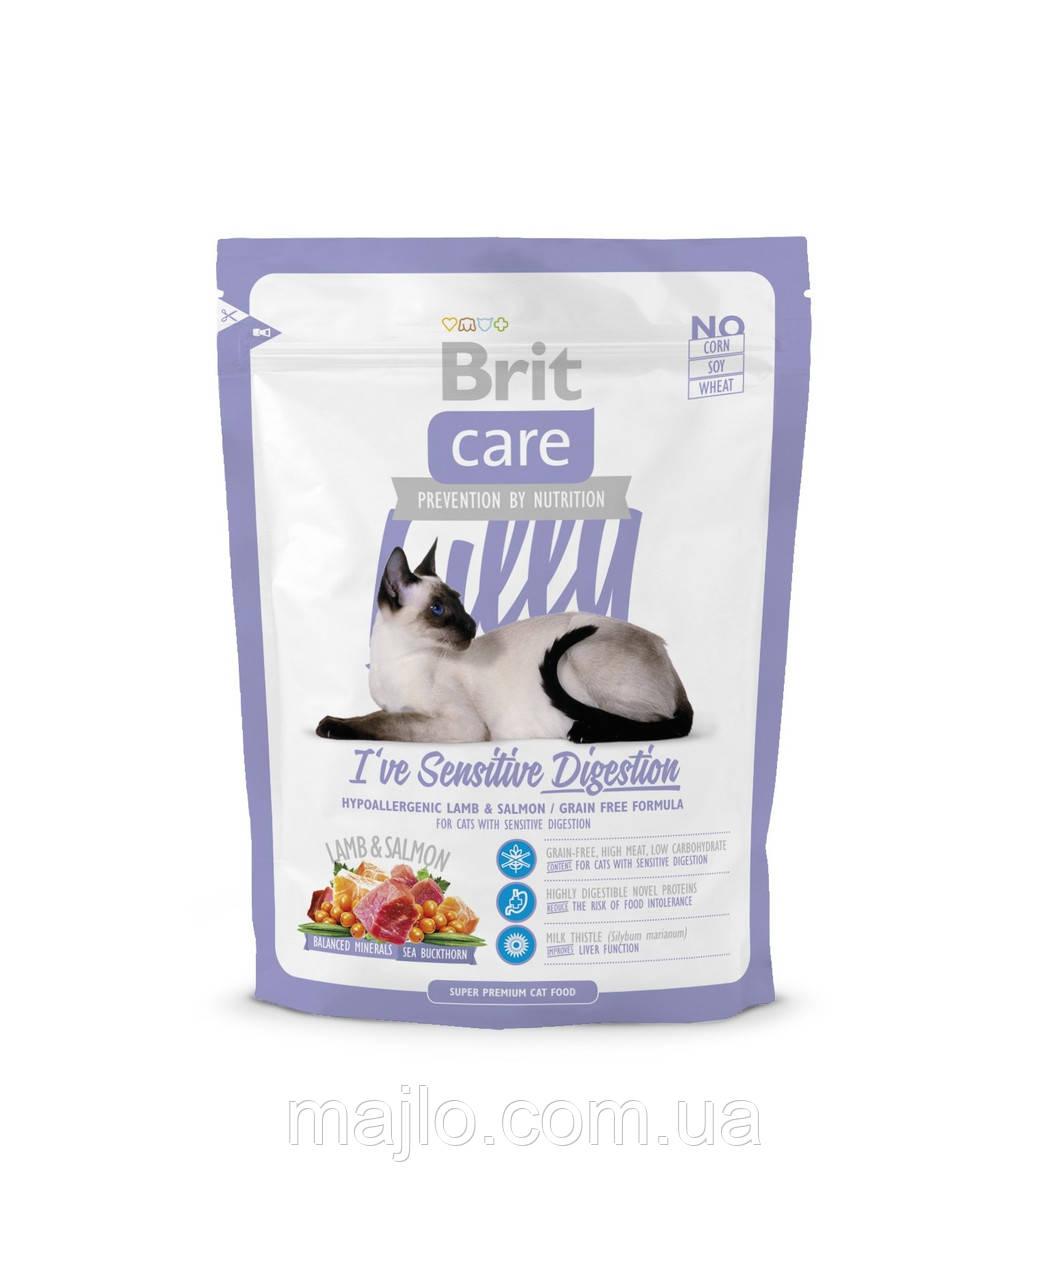 Сухой корм Brit Care Cat Lilly Sensitive Digestion Брит Кеа беззерновой для кошек с чувствительным